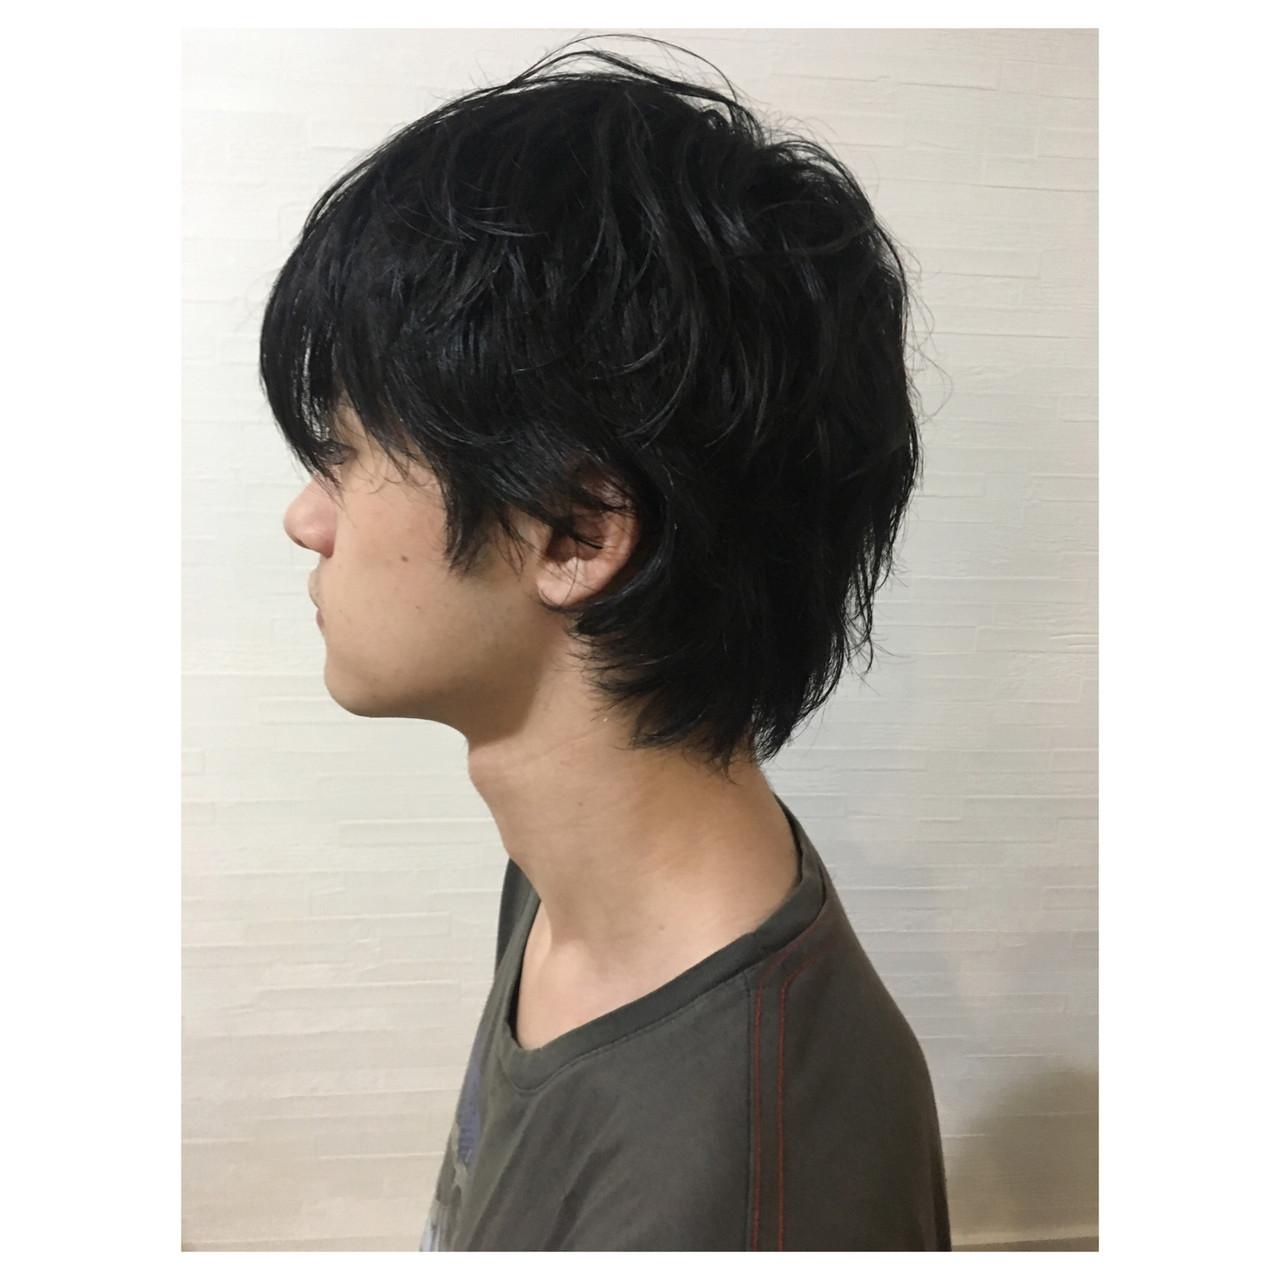 ウルフカット ショート マッシュウルフ メンズカット ヘアスタイルや髪型の写真・画像